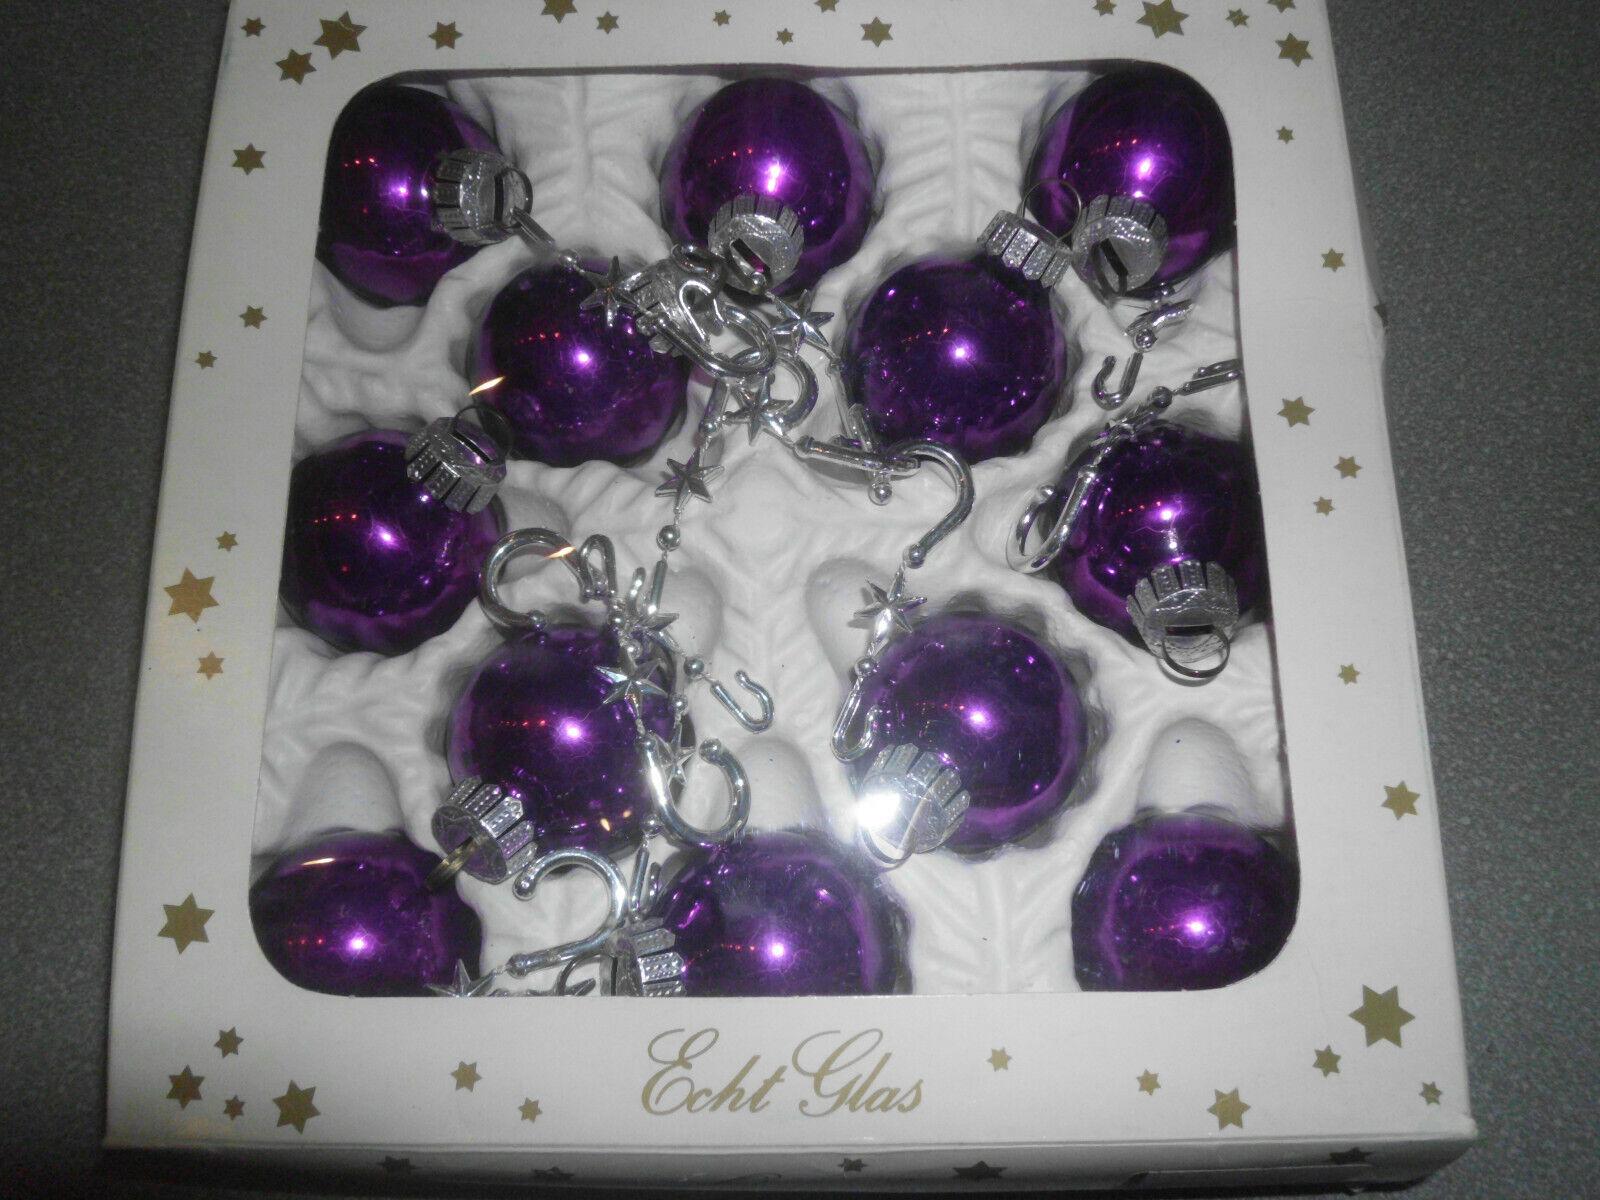 Vintage Weihnachtskugeln Glaskugeln lila Weihnachten 70er Jahre